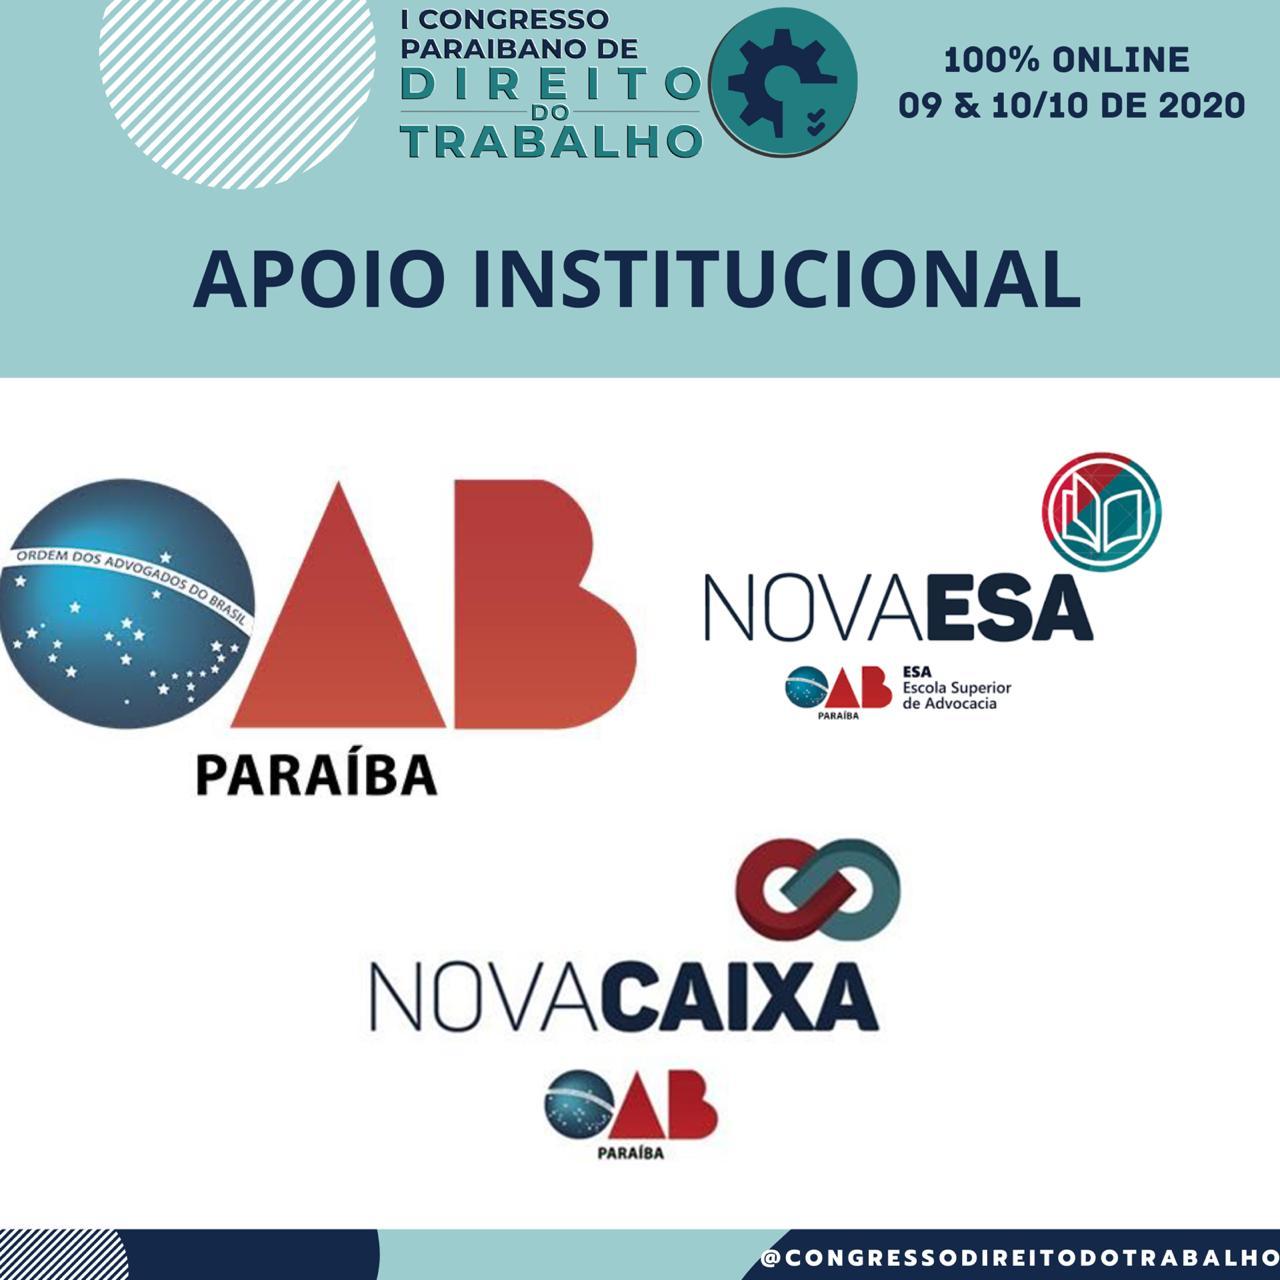 OAB-PB apoia I Congresso Paraibano de Direito do Trabalho